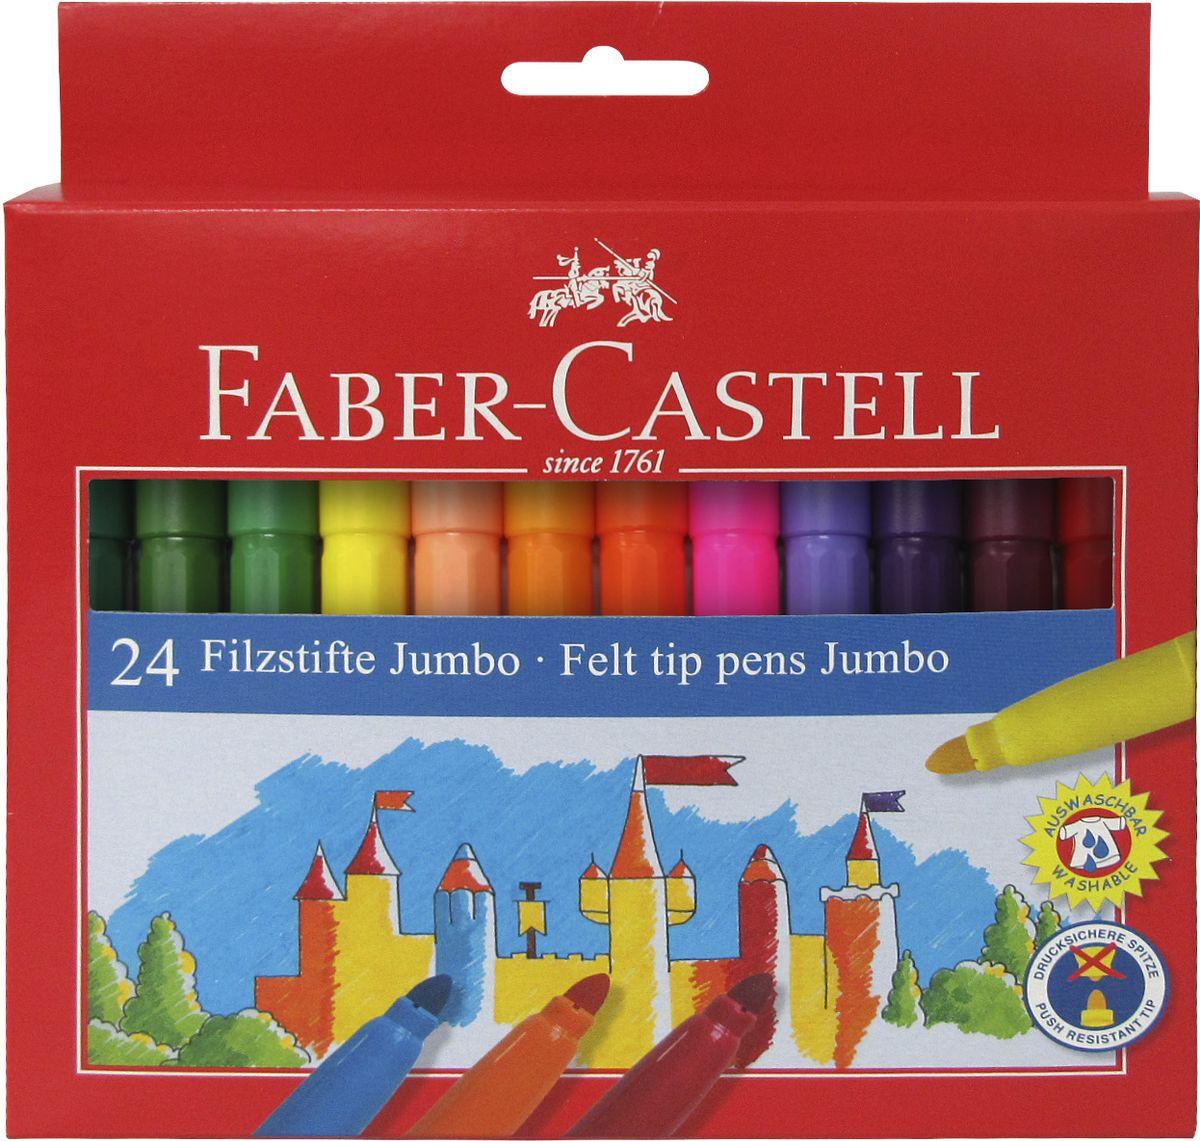 Faber-Castell Фломастеры Jumbo 24 цвета610842Фломастеры Faber-Castell Jumbo помогут маленькому художнику раскрыть свой творческий потенциал, рисовать и раскрашивать яркие картинки, развивая воображение, мелкую моторику и цветовосприятие. В наборе Faber-Castell Jumbo 12 разноцветных фломастеров. Корпусы выполнены из пластика. Чернила на водной основе окрашены с использованием пищевых красителей, благодаря чему они полностью безопасны для ребенка и имеют яркие, насыщенные цвета. Если маленький художник запачкался - не беда, ведь фломастеры отстирываются с большинства тканей. Вентилируемый колпачок надолго сохранит яркость цветов.Не рекомендуется детям до 3-х лет.